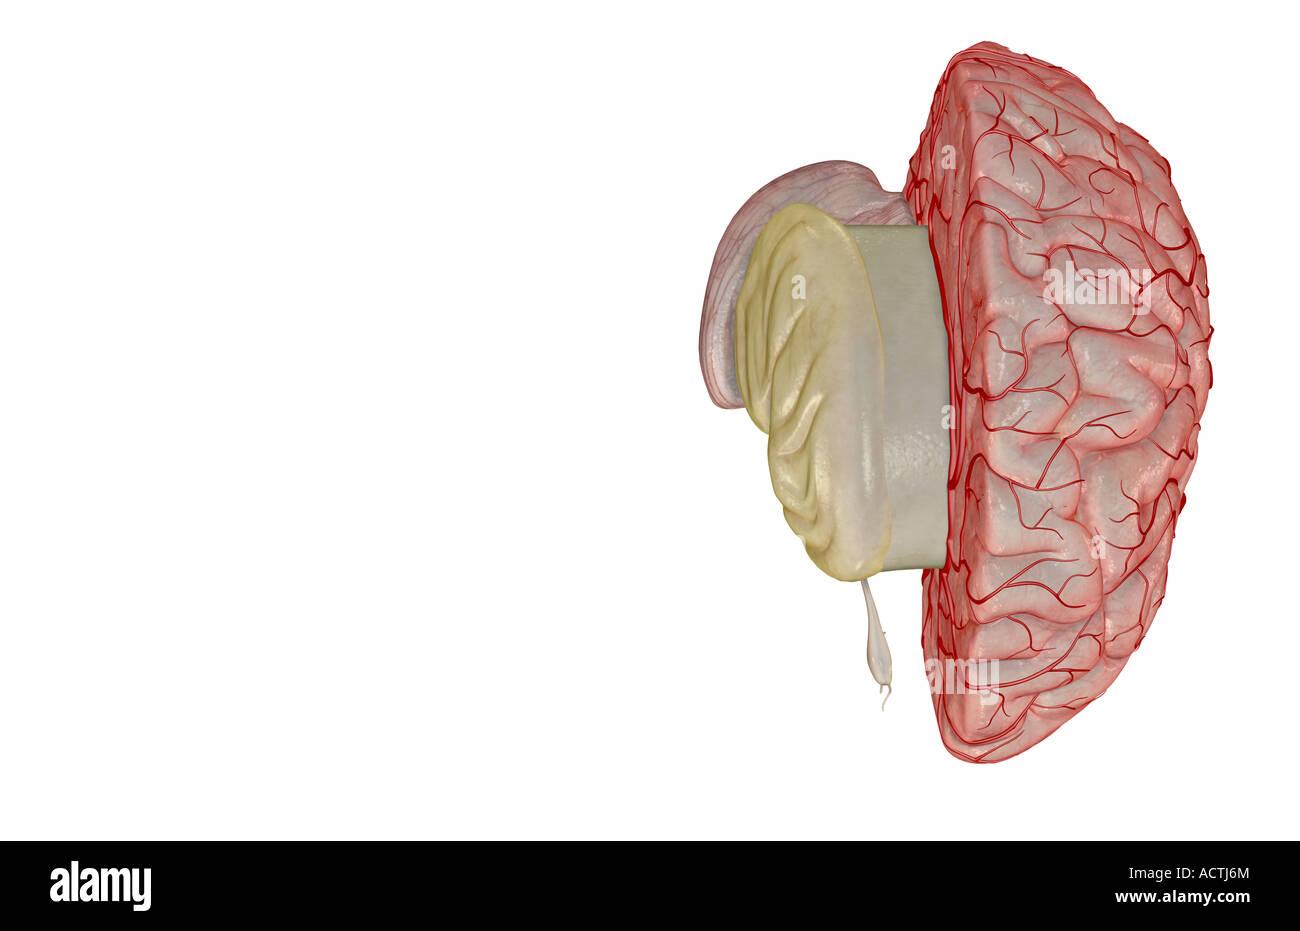 Anterior Cerebral Artery Stock Photos Anterior Cerebral Artery